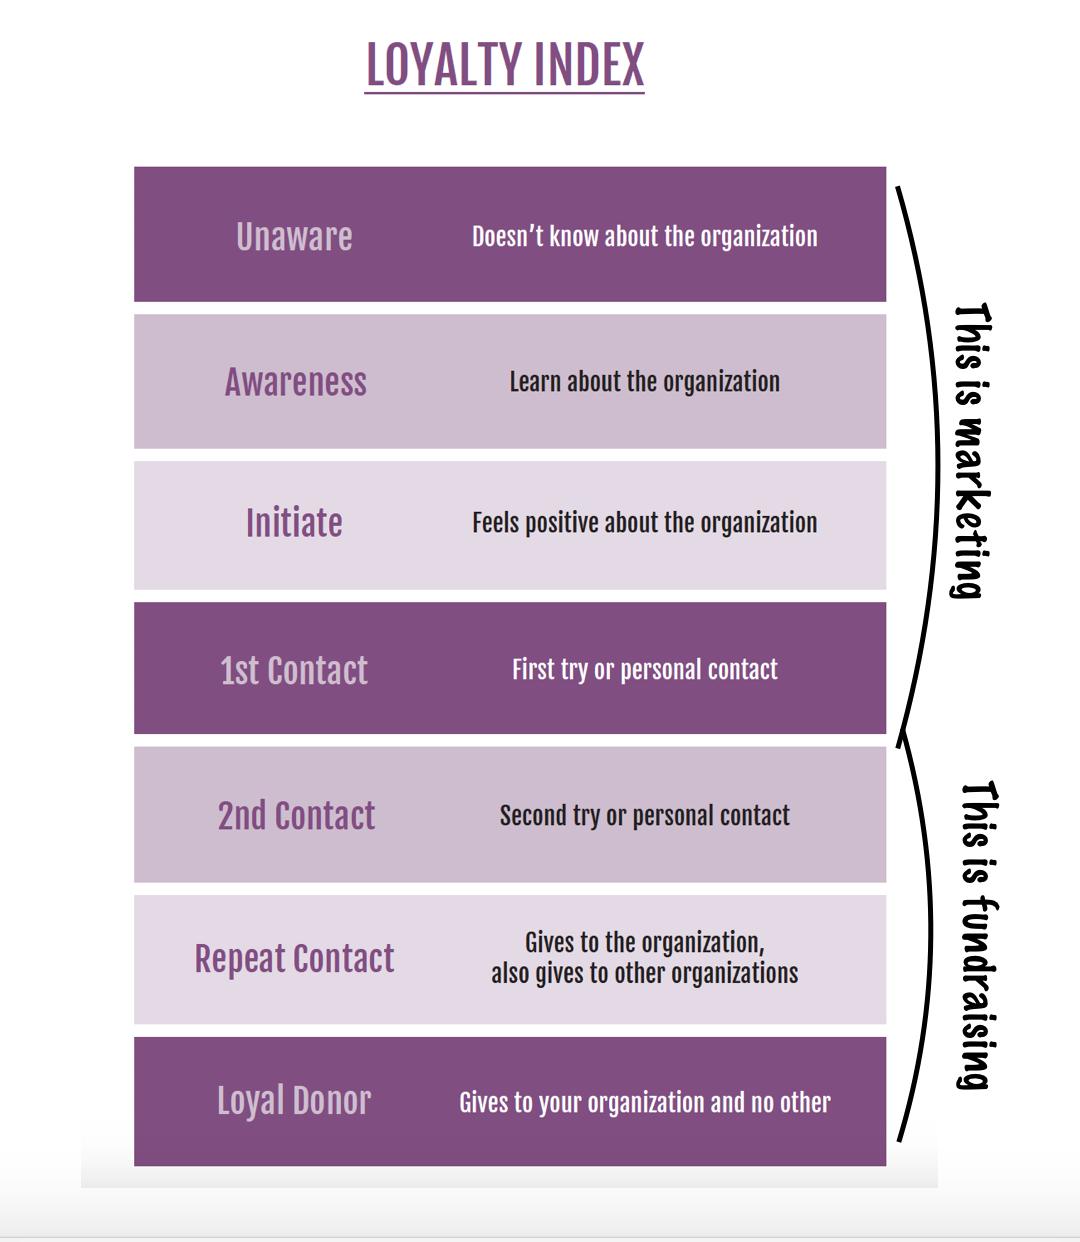 nonprofit marketing-dersch-loyaltyindex.png